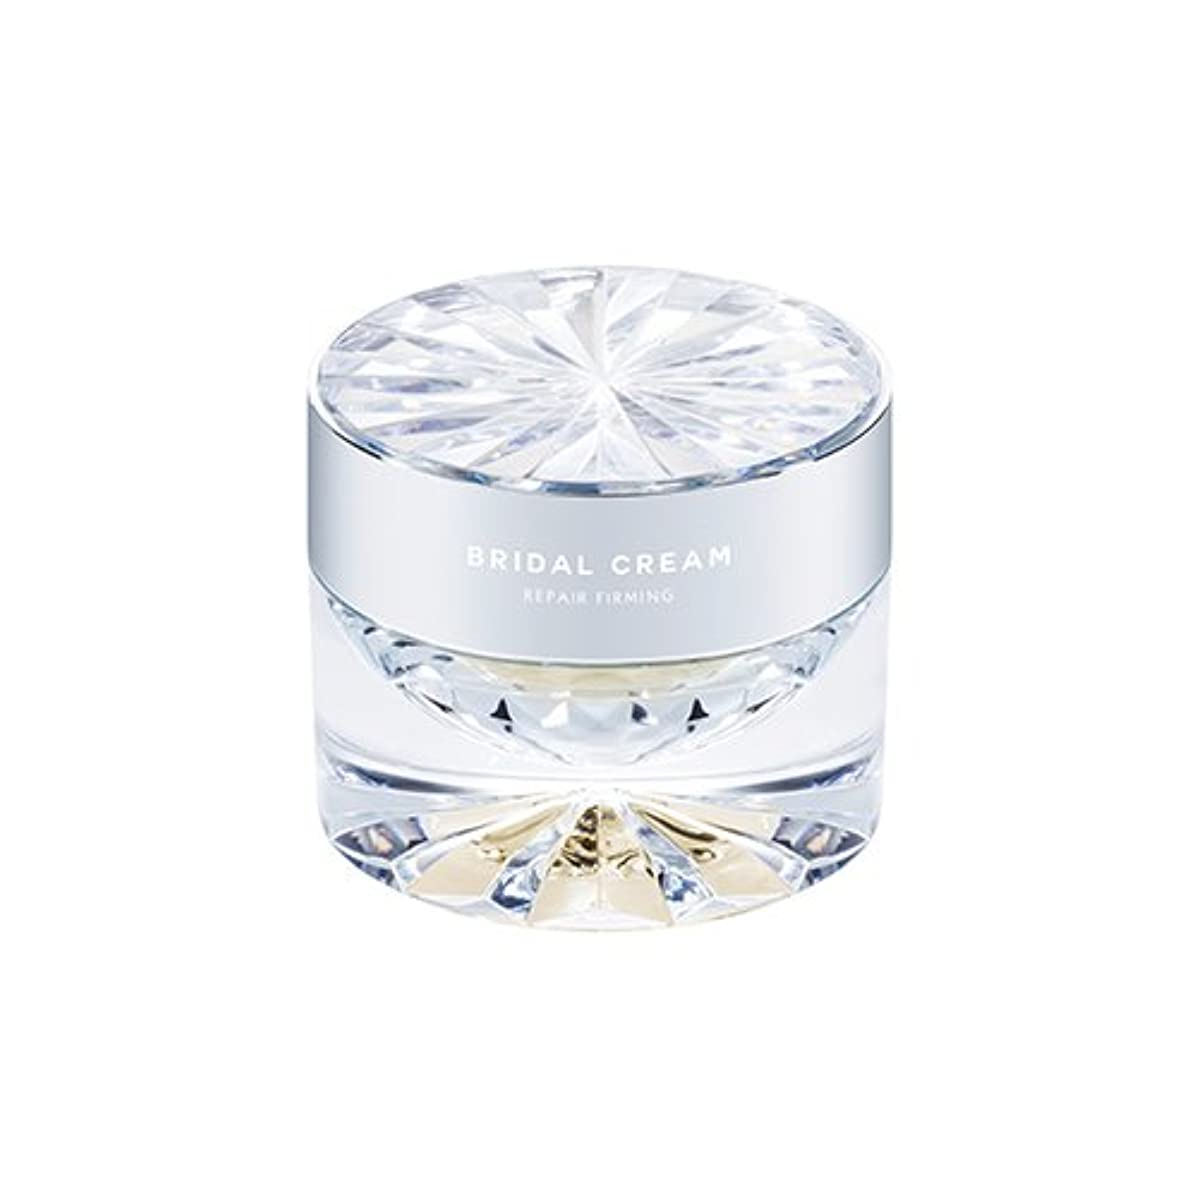 好む住人パスタMISSHA Time Revolution Bridal Cream 50ml/ミシャ タイム レボリューション ブライダル クリーム 50ml (#Repair Firming) [並行輸入品]